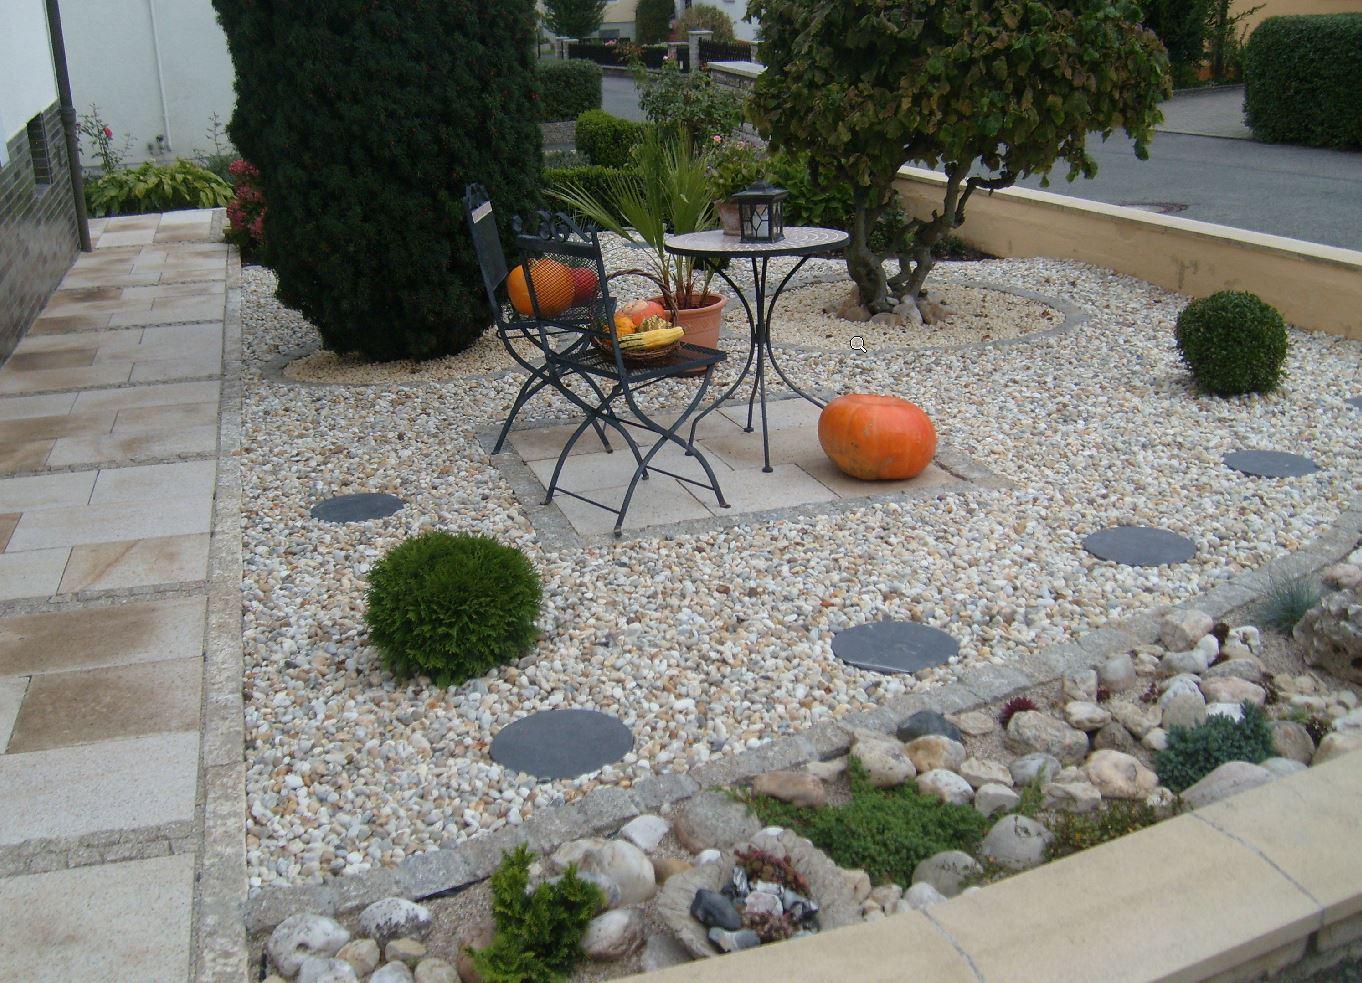 willkommen bei sascha werner garten landschaftsbau frankfurt. Black Bedroom Furniture Sets. Home Design Ideas